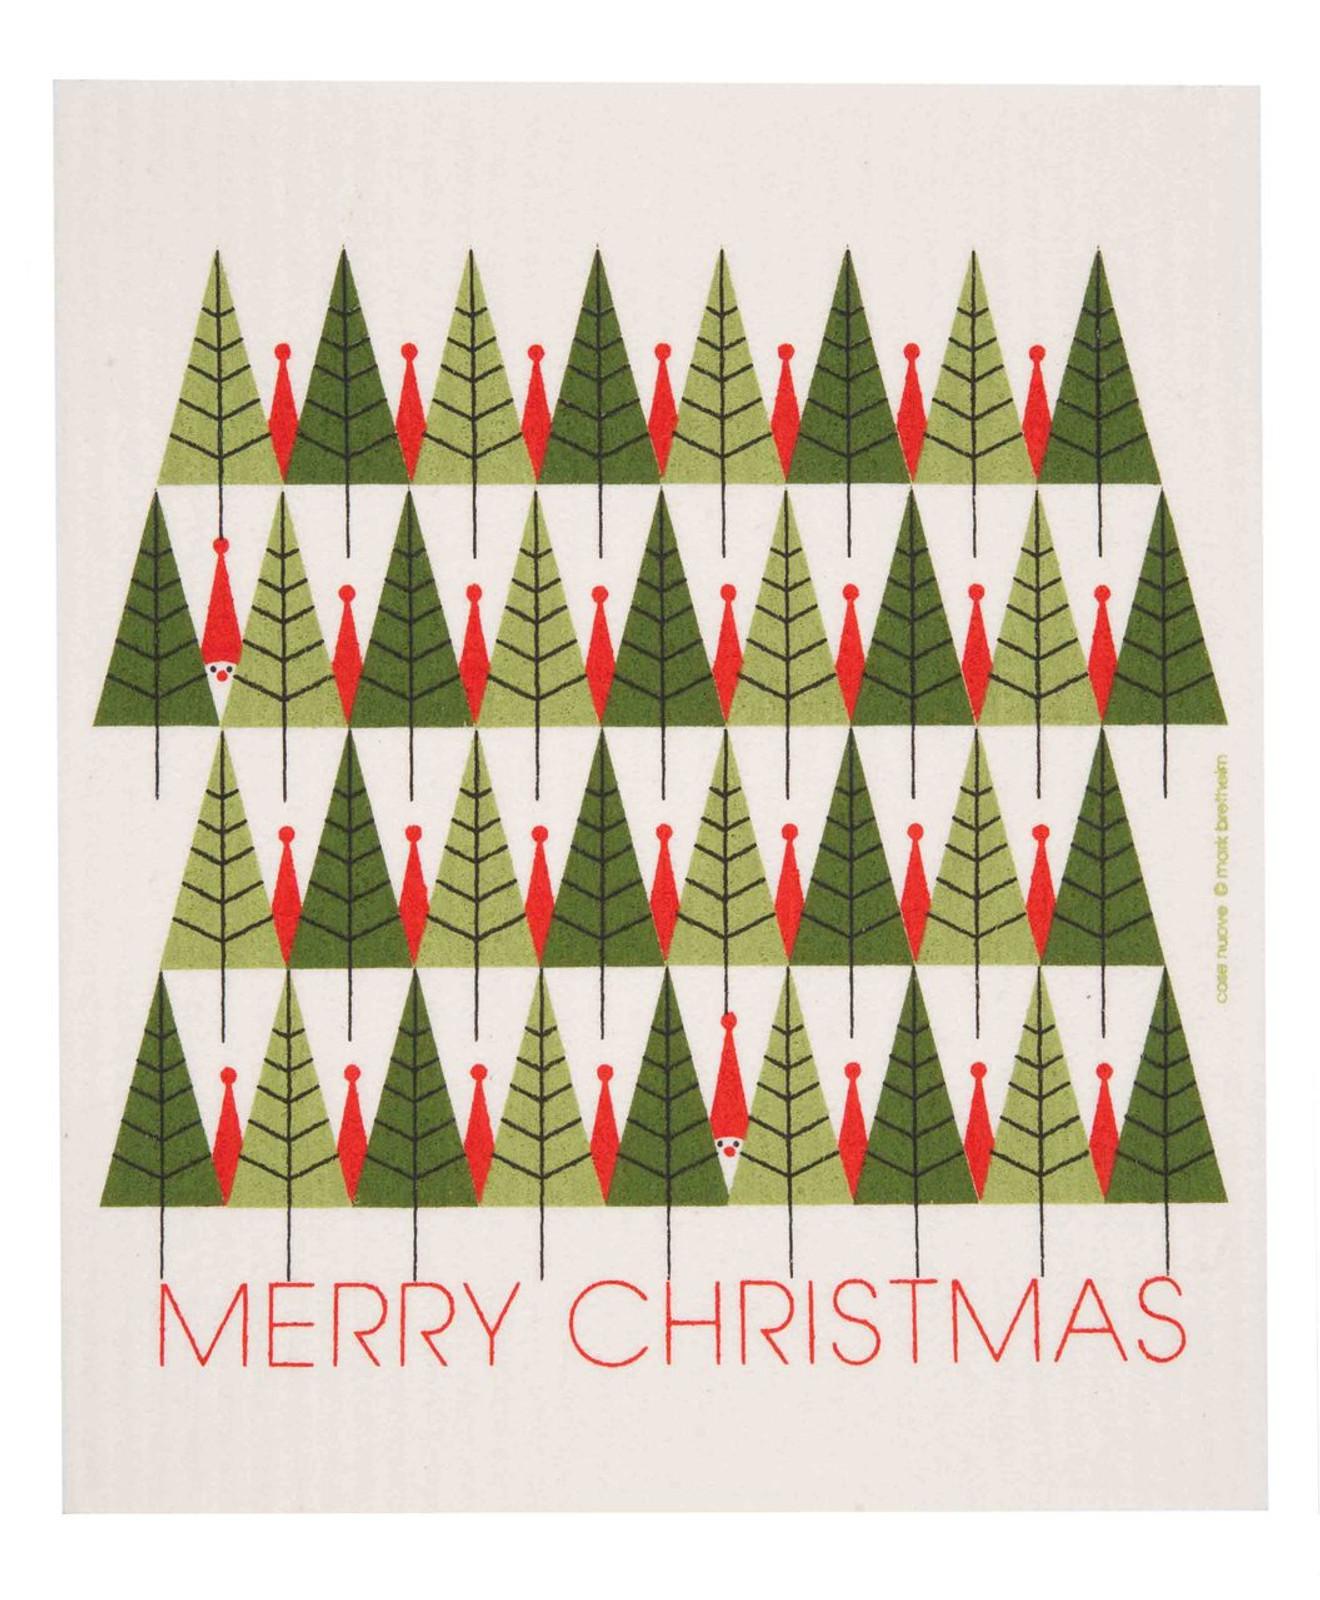 Swedish Christmas dish cloth, Merry Christmas design